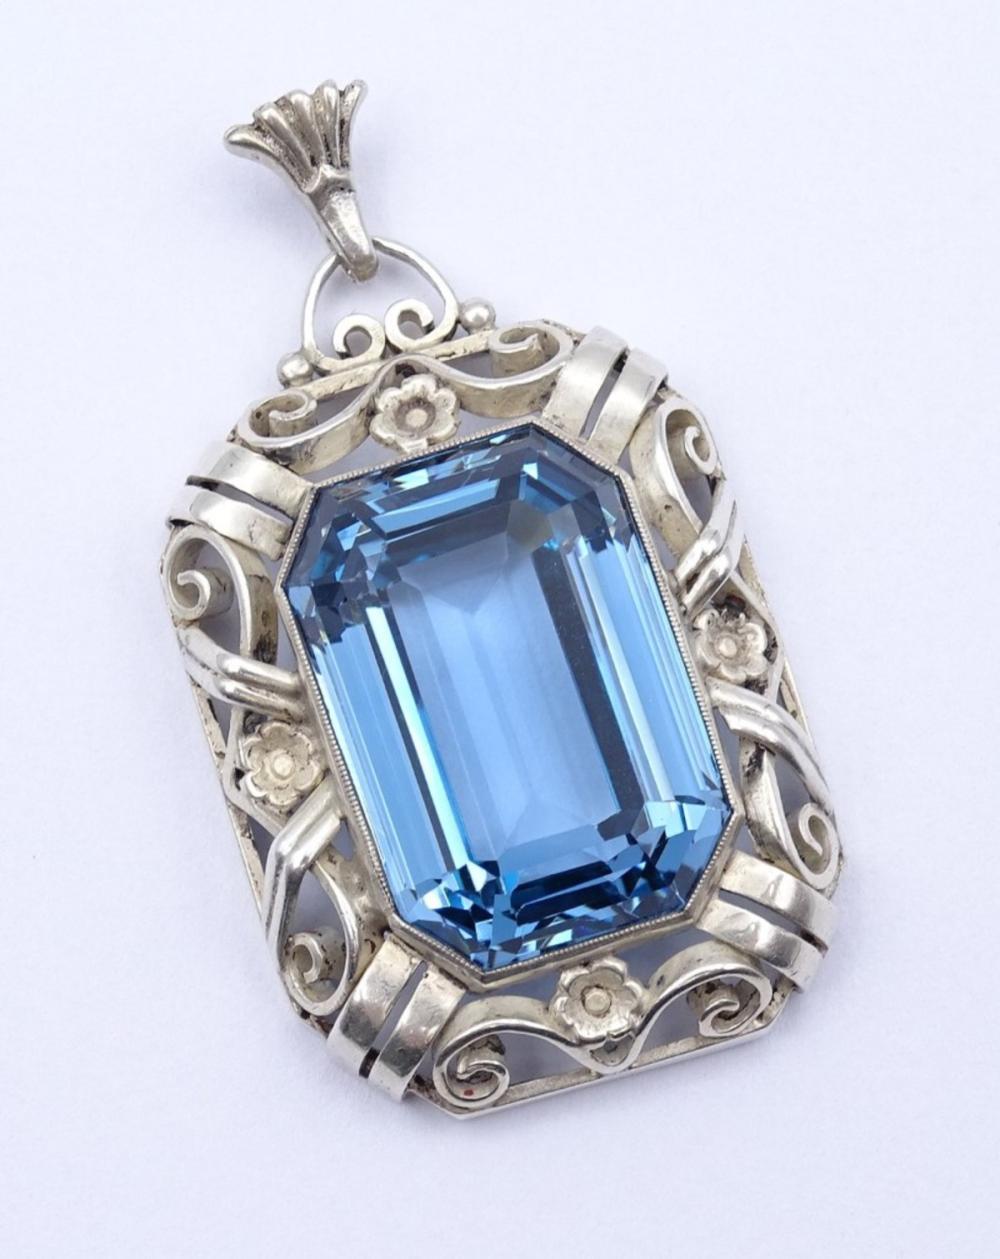 Anhänger mit großen facc. blauen Stein,Silber 0.835 L- 4,8 cm, 14,0 g.